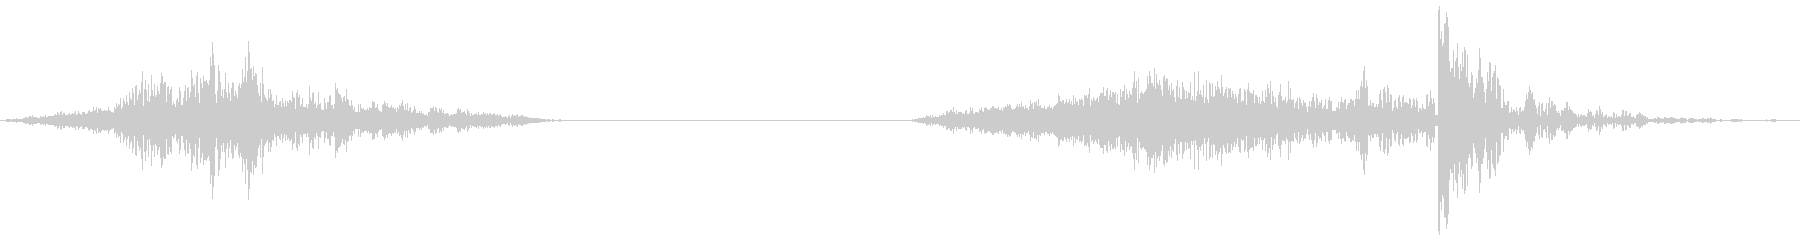 襖の開閉5(速度早め)の未再生の波形